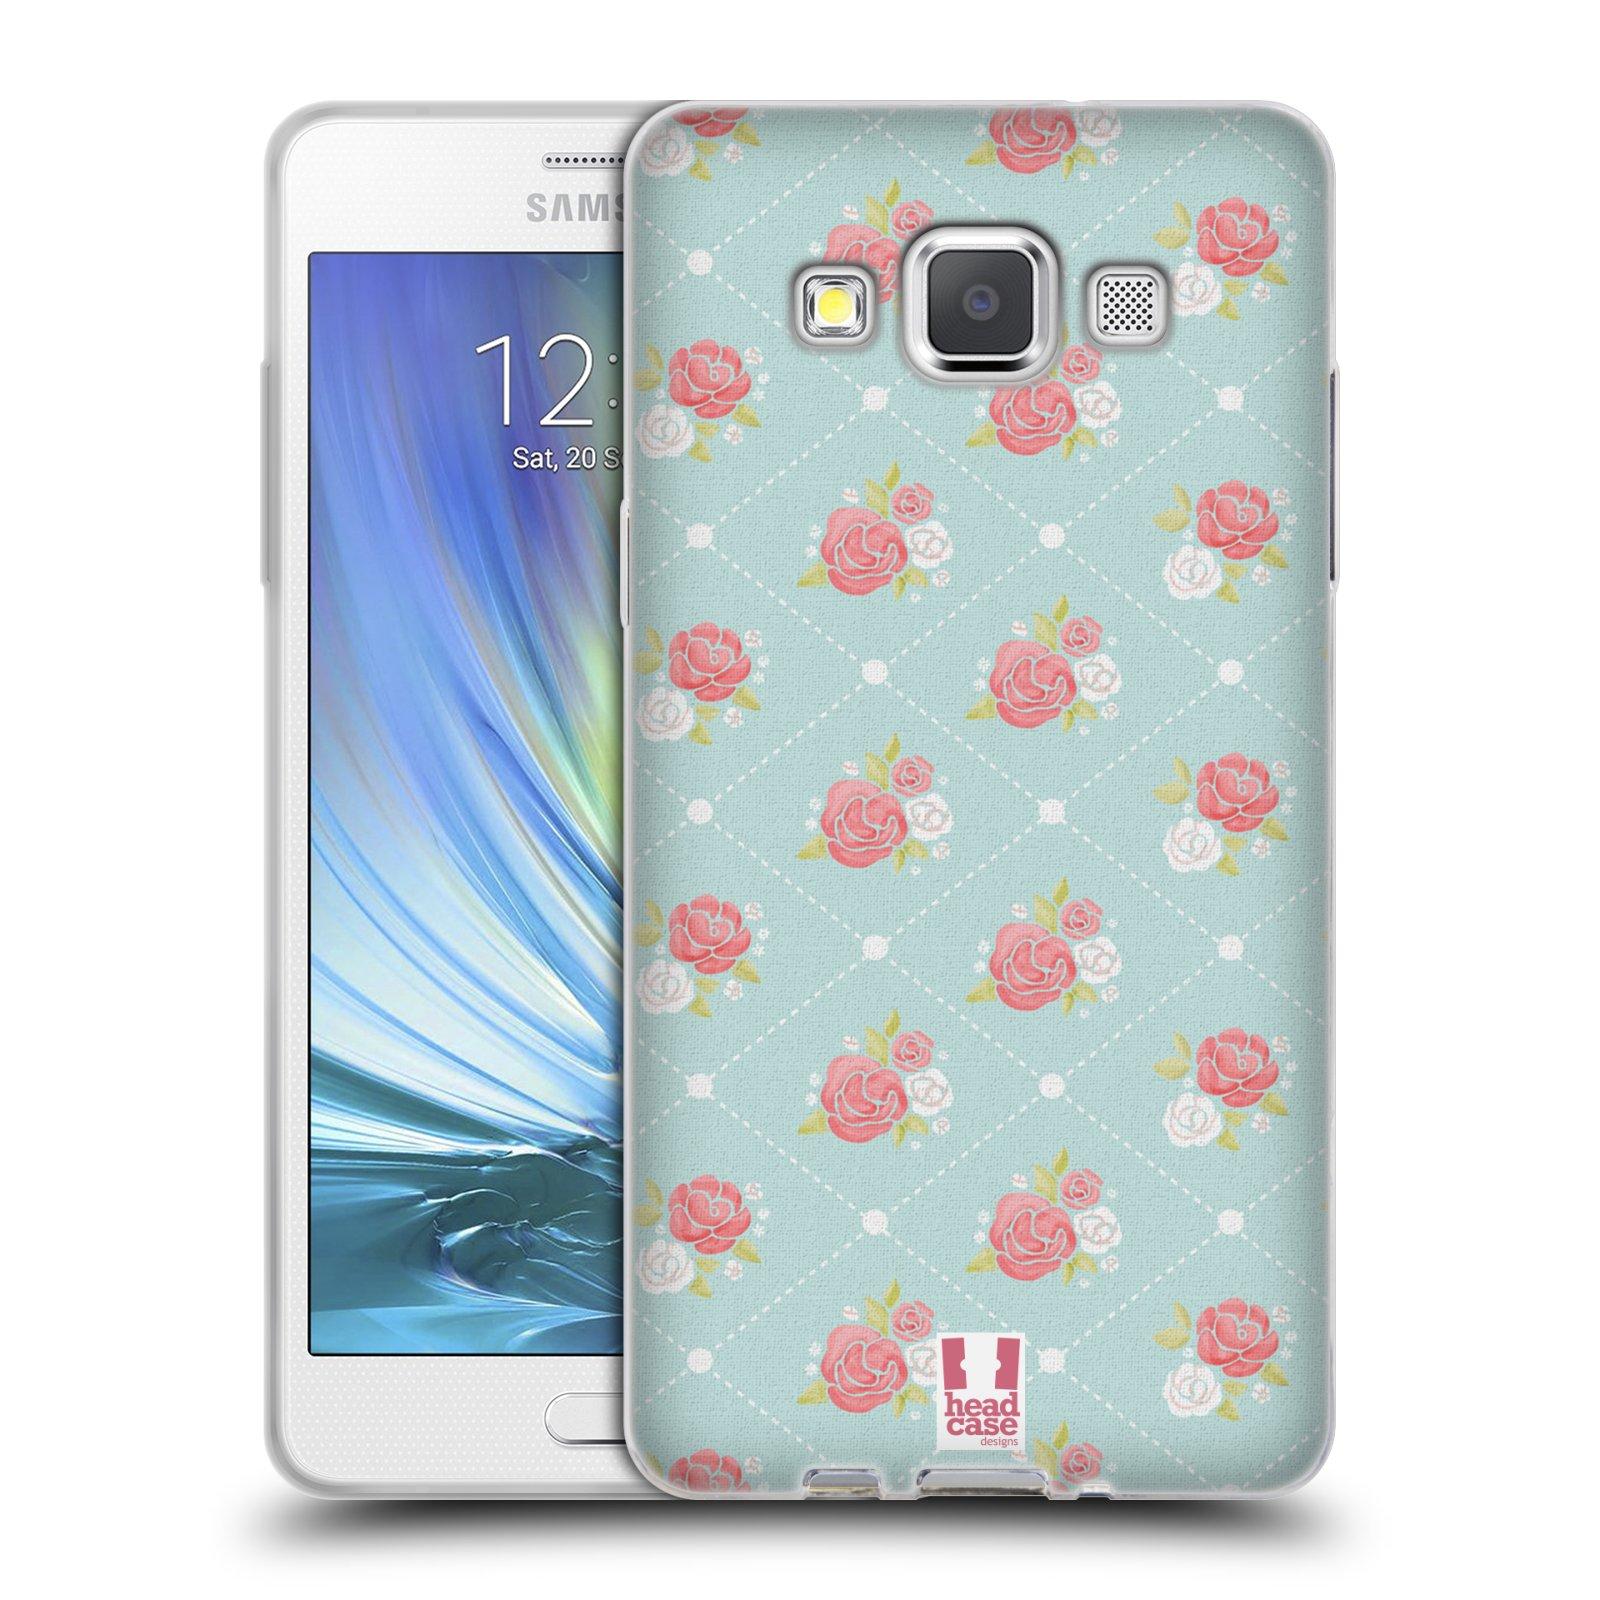 HEAD CASE silikonový obal na mobil Samsung Galaxy A5 Francouzský motiv venkov malé růže modré pozadí